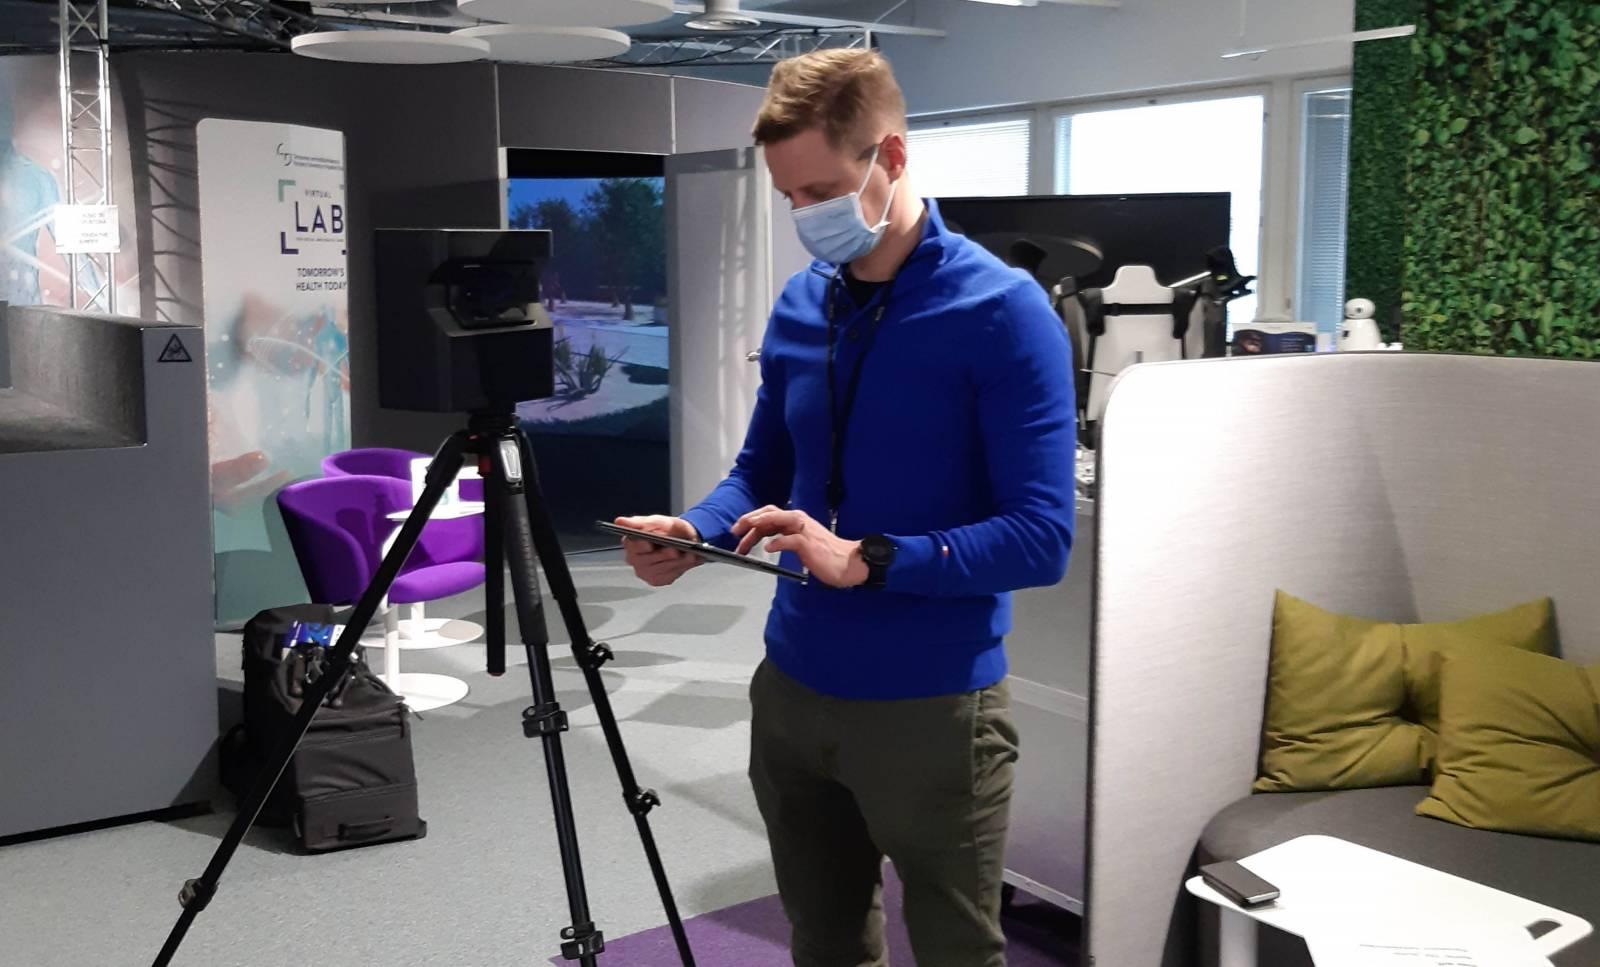 Juuso Huhtiniemi valmistelee Matterport-kuvausta Labissa.